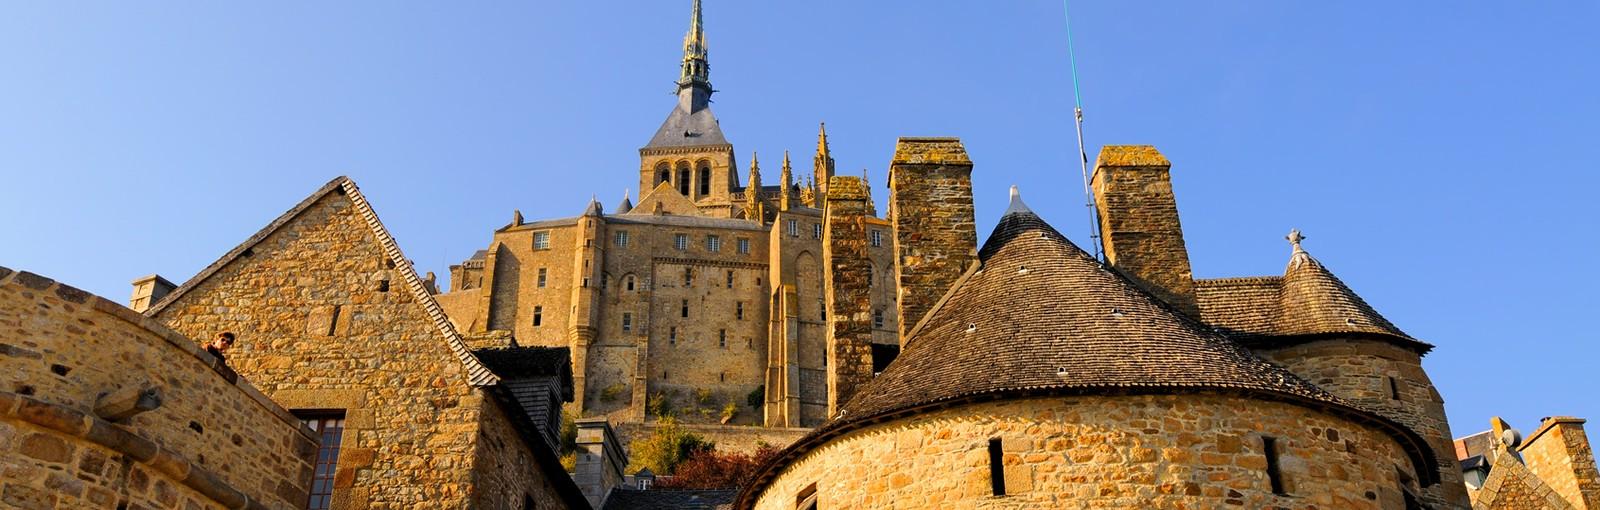 Tours Monte-Saint-Michel - Días completos - Excursiones desde París